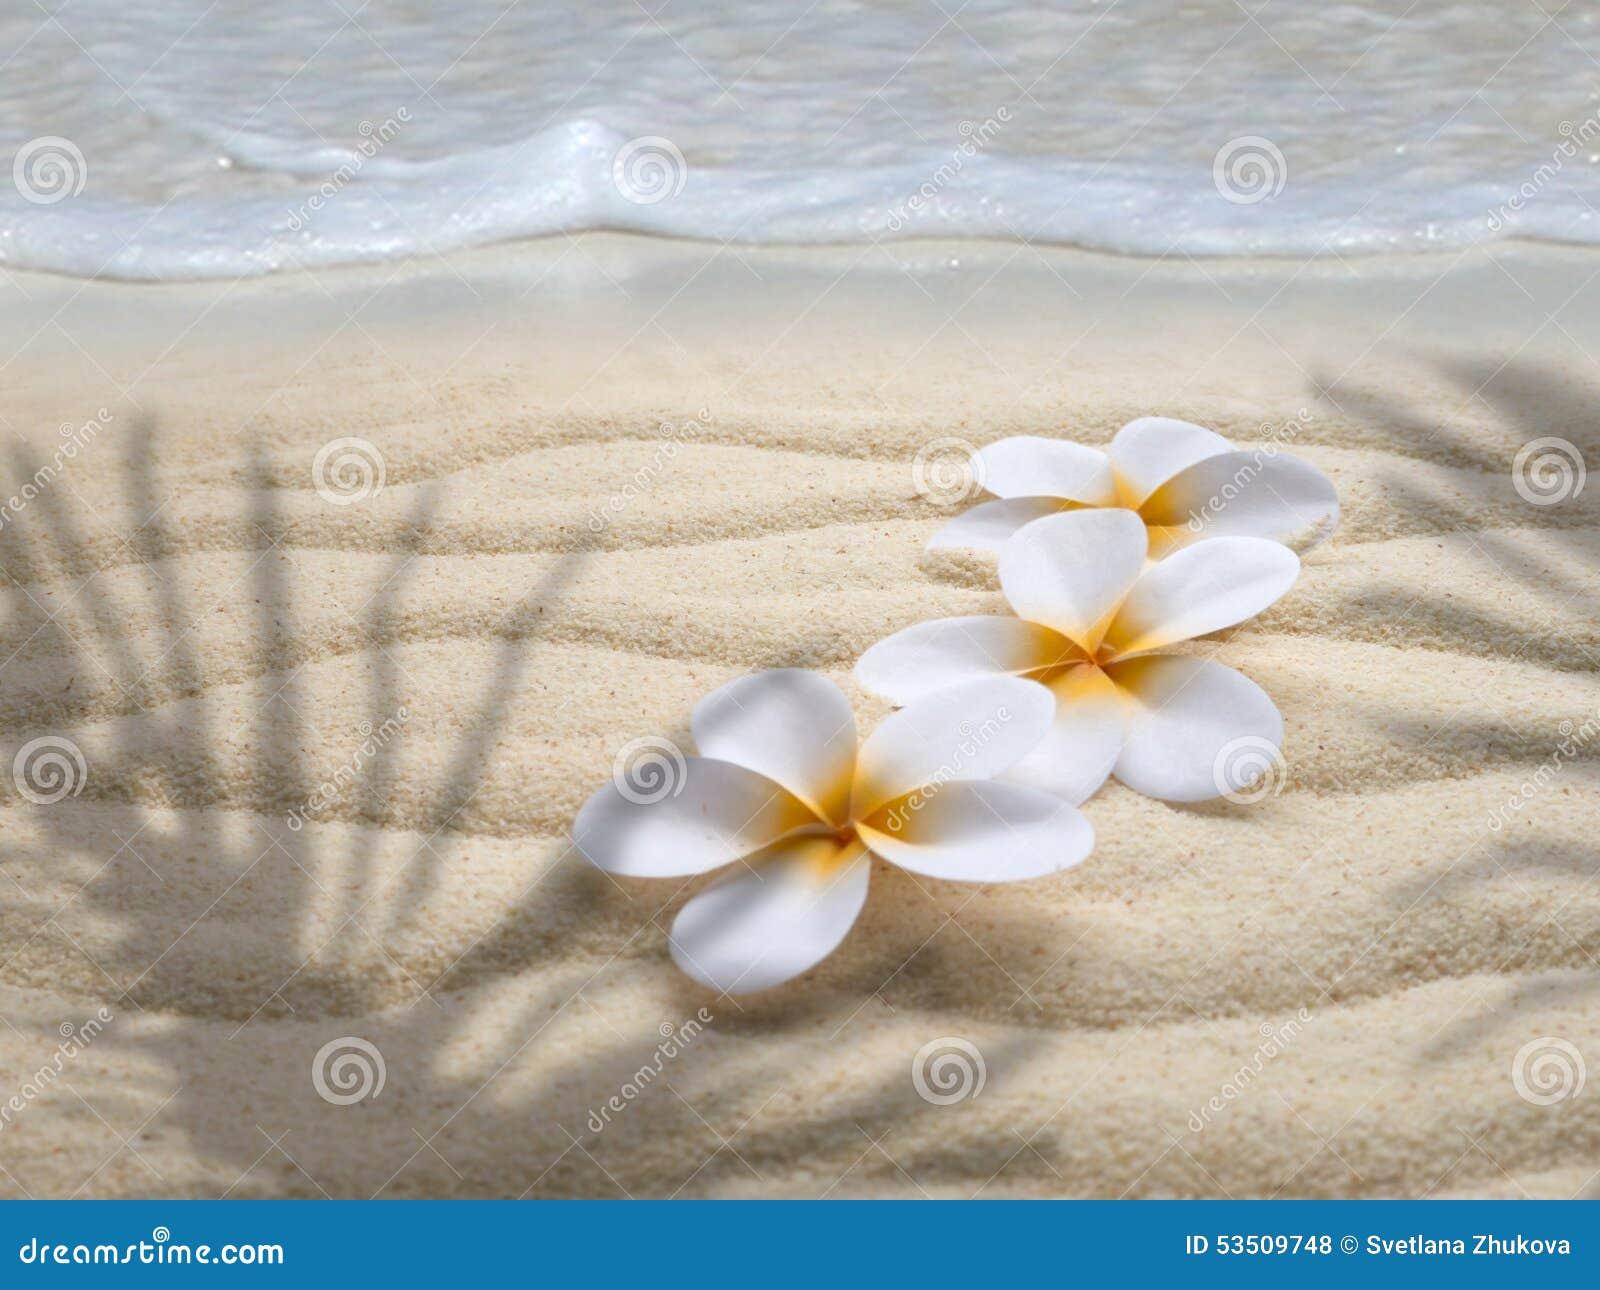 trois fleurs de tiare sur la plage photo stock image du nature paume 53509748. Black Bedroom Furniture Sets. Home Design Ideas